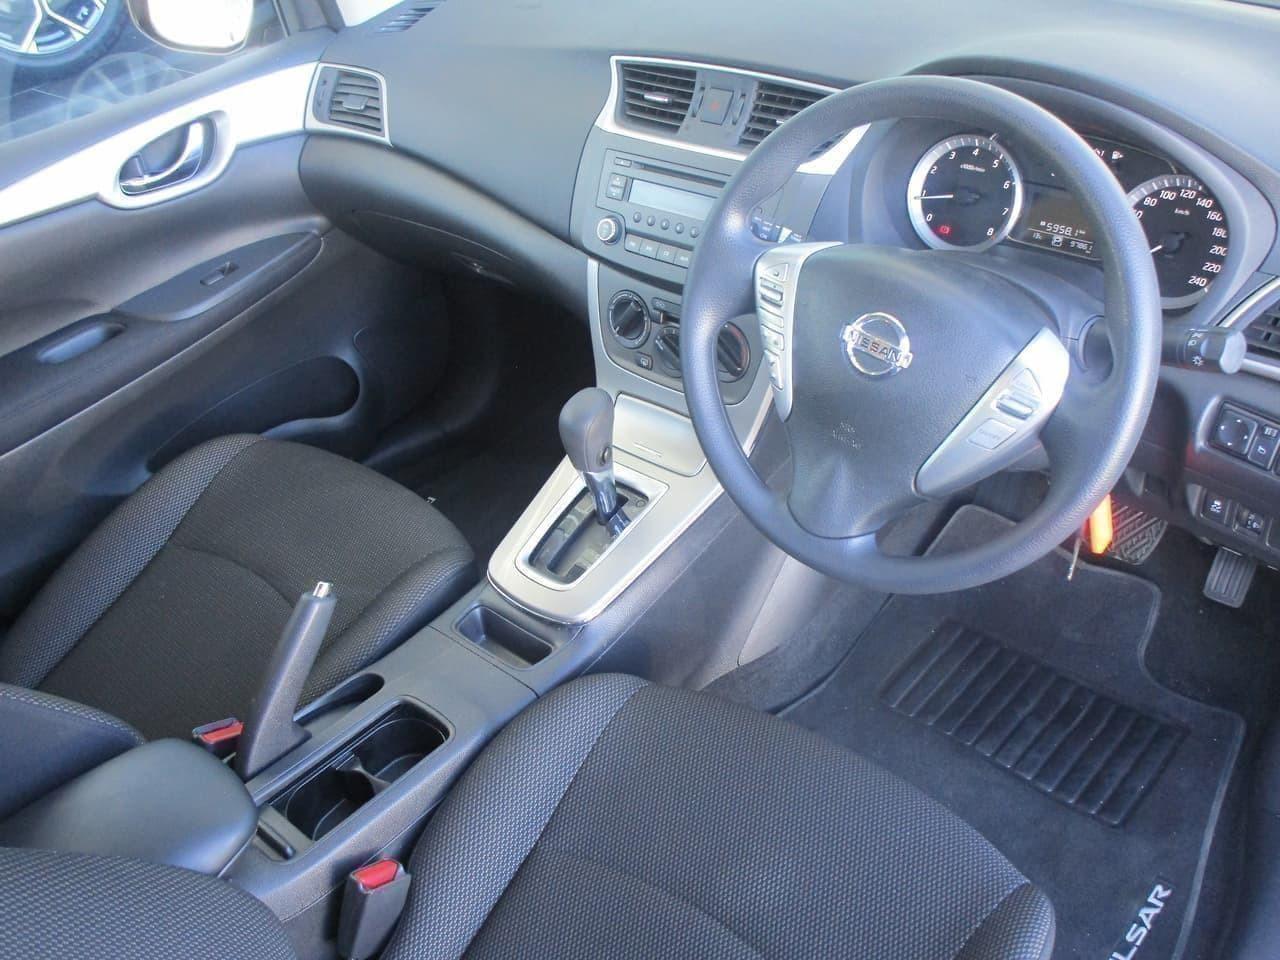 2015 Nissan Pulsar C12 SERIES 2 ST Hatchback